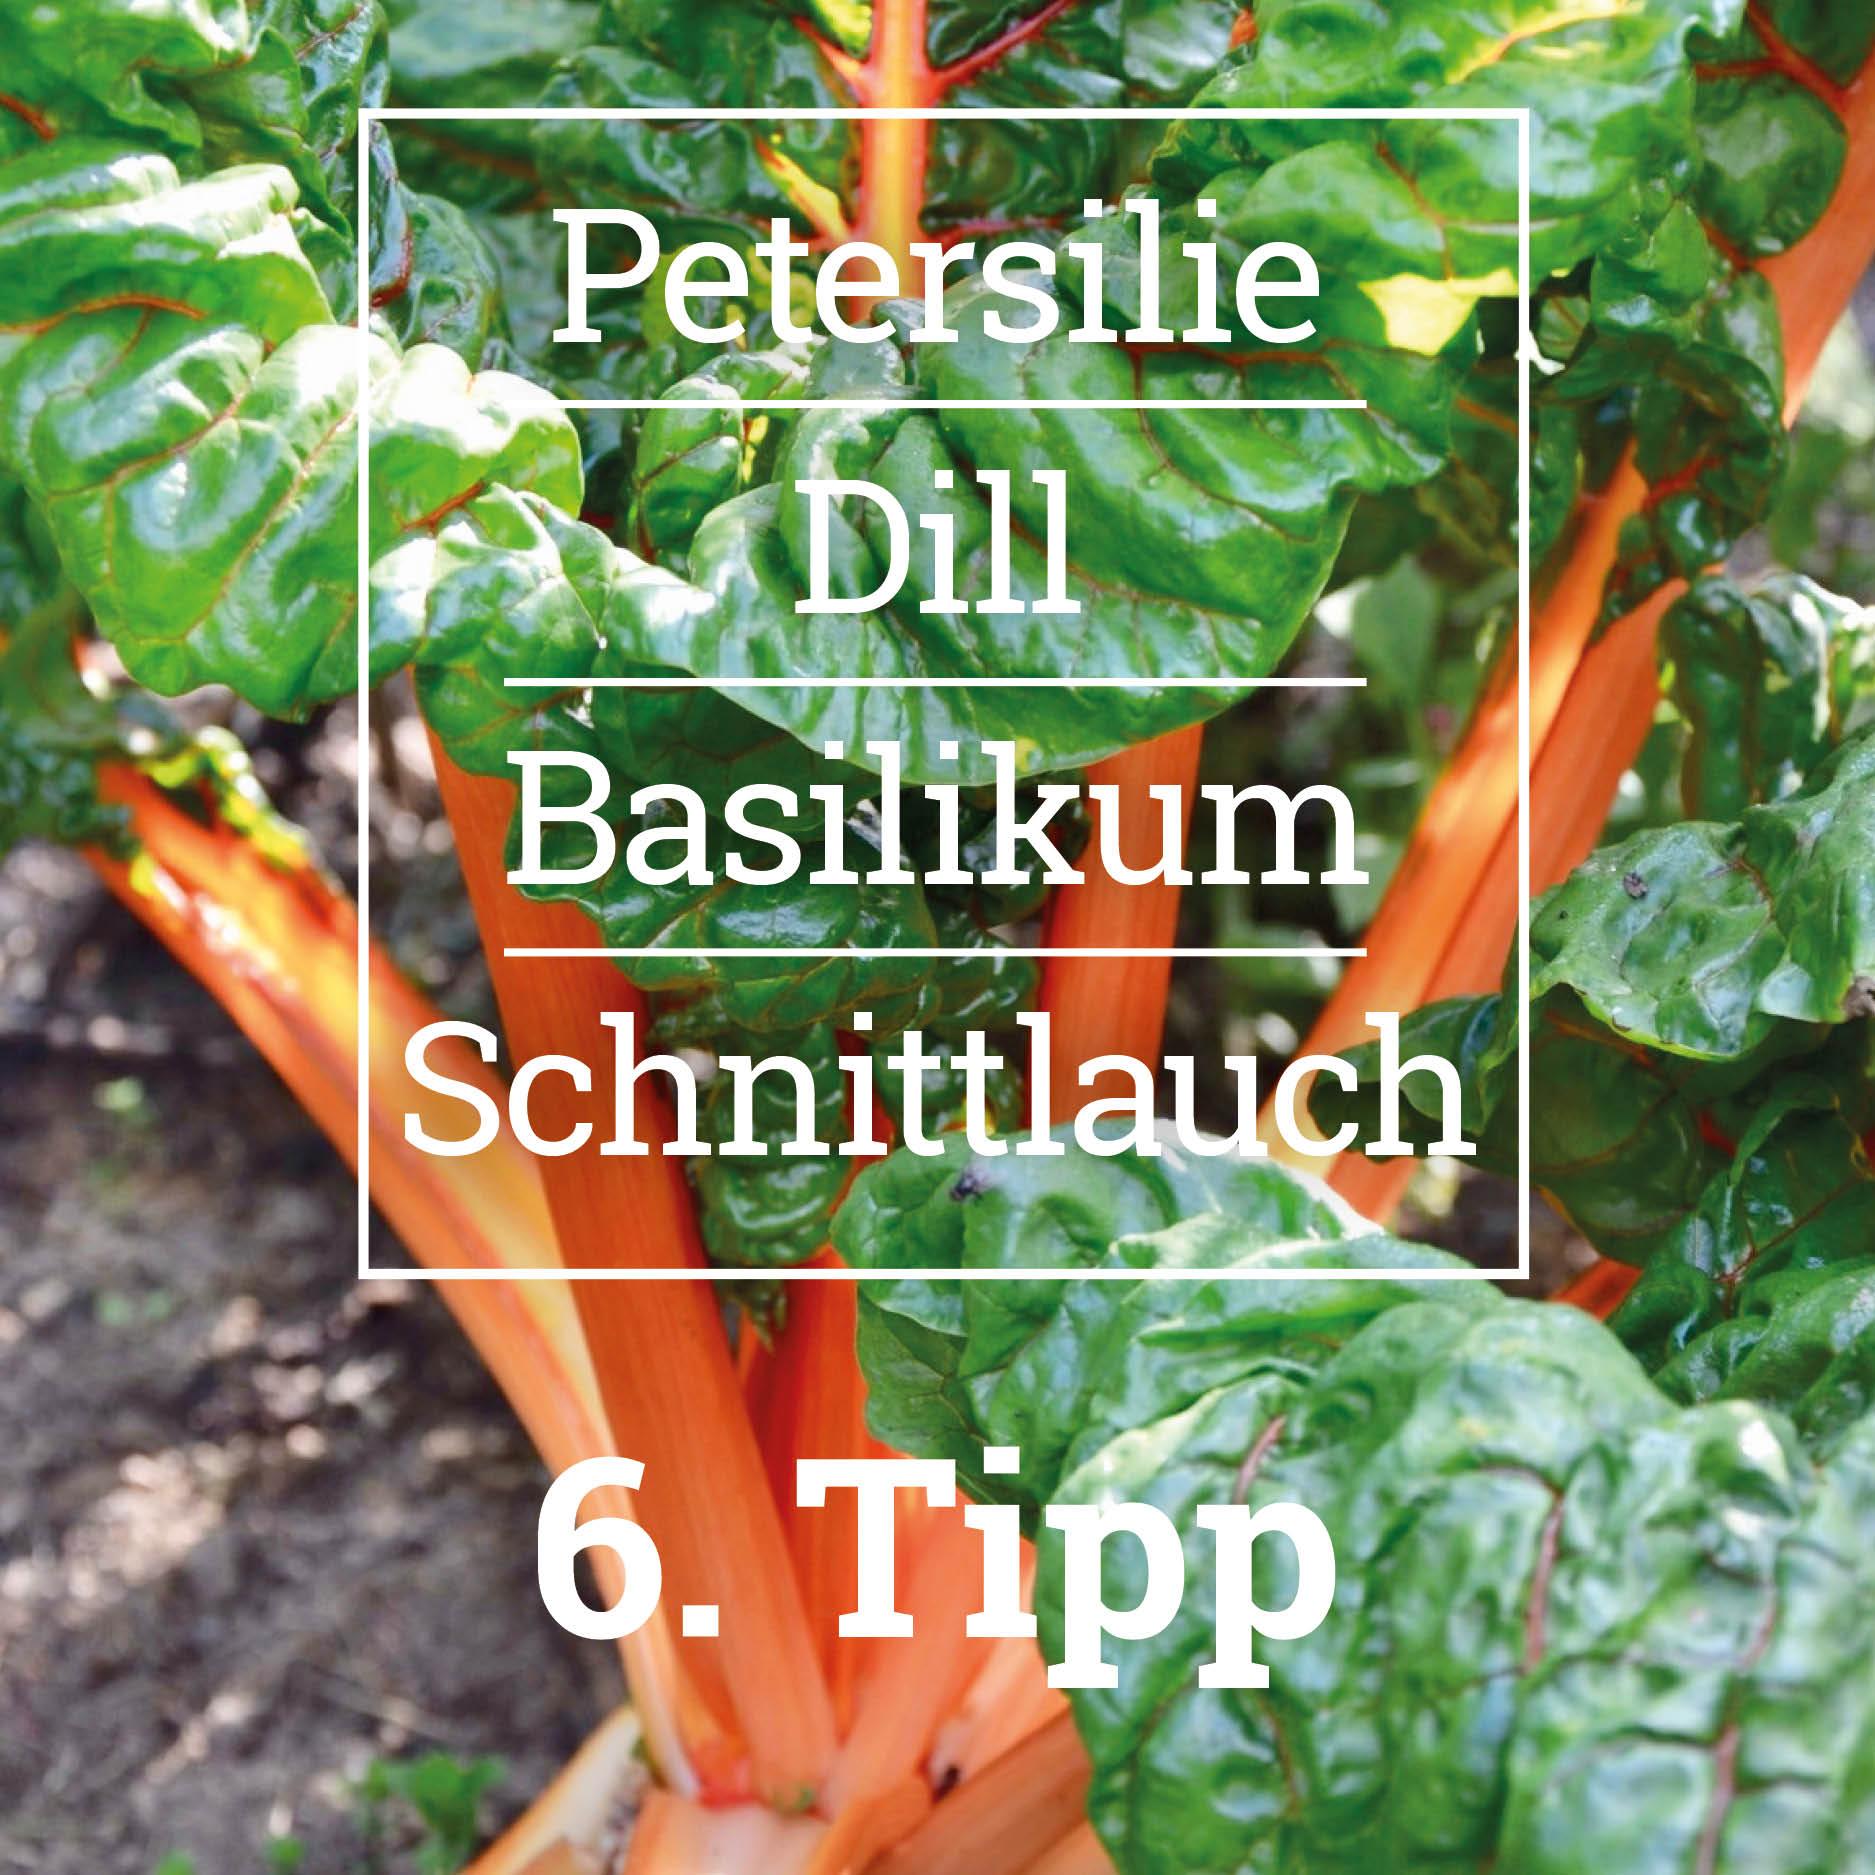 Pflanzideen für das Hochbeet - Tipp 6, Erd-Geflüster mit Regina Dunst